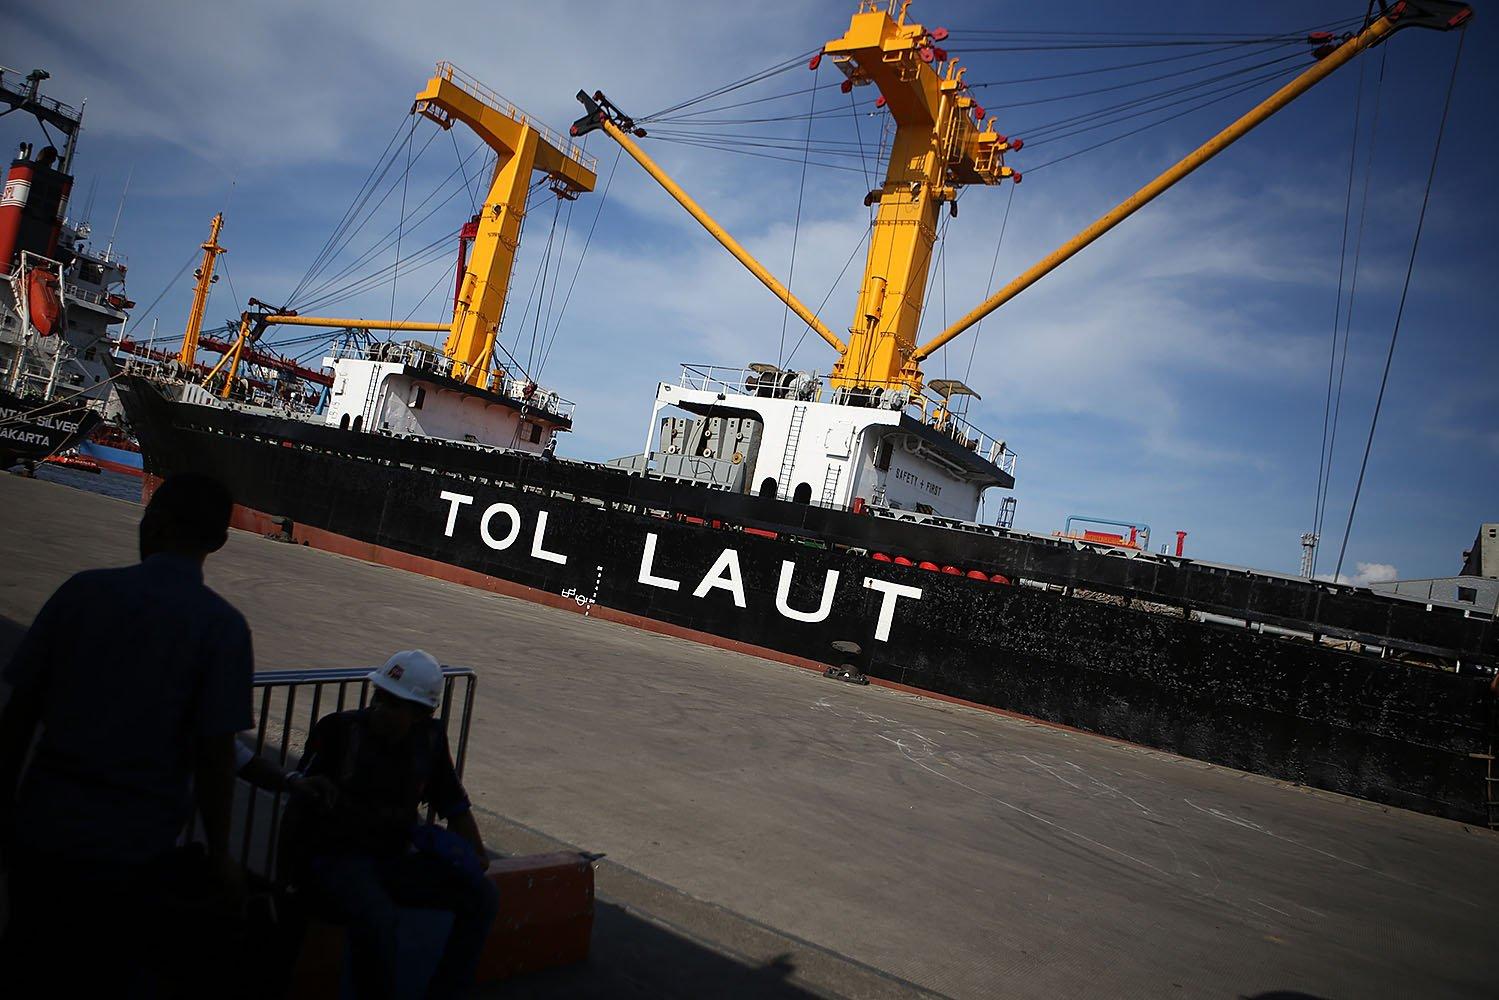 Kapal logistik ini merupakan bagian dari program tol laut yang dicanangkan Presiden Joko Widodo sejak masa awal pemerintahannya.